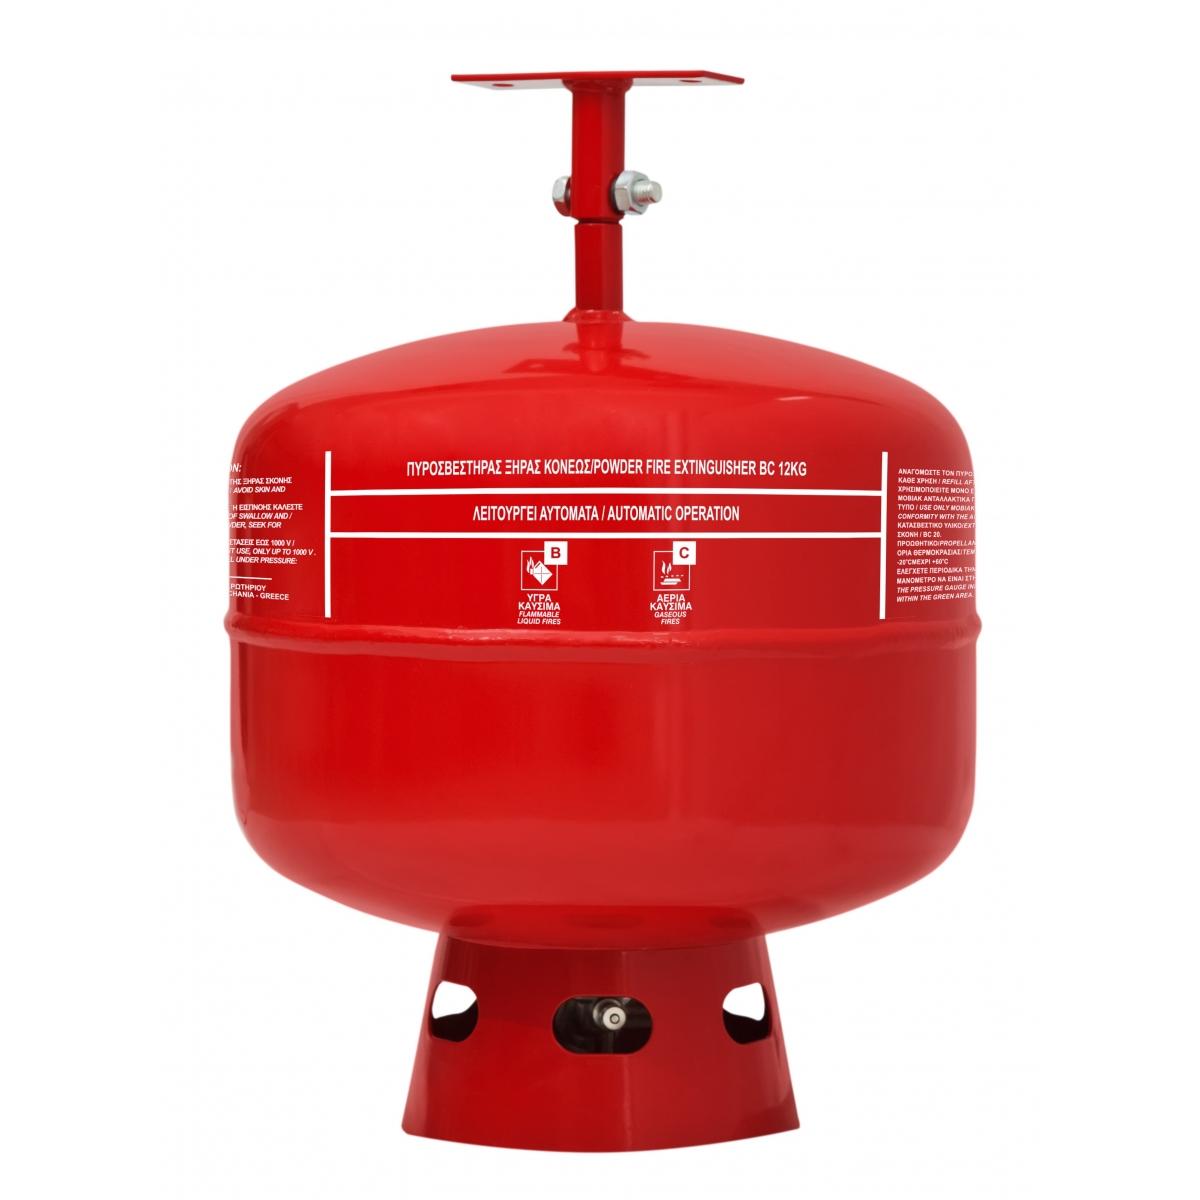 Πυροσβεστήρας Οροφής 12Kg Ξηράς Σκόνης BC20%